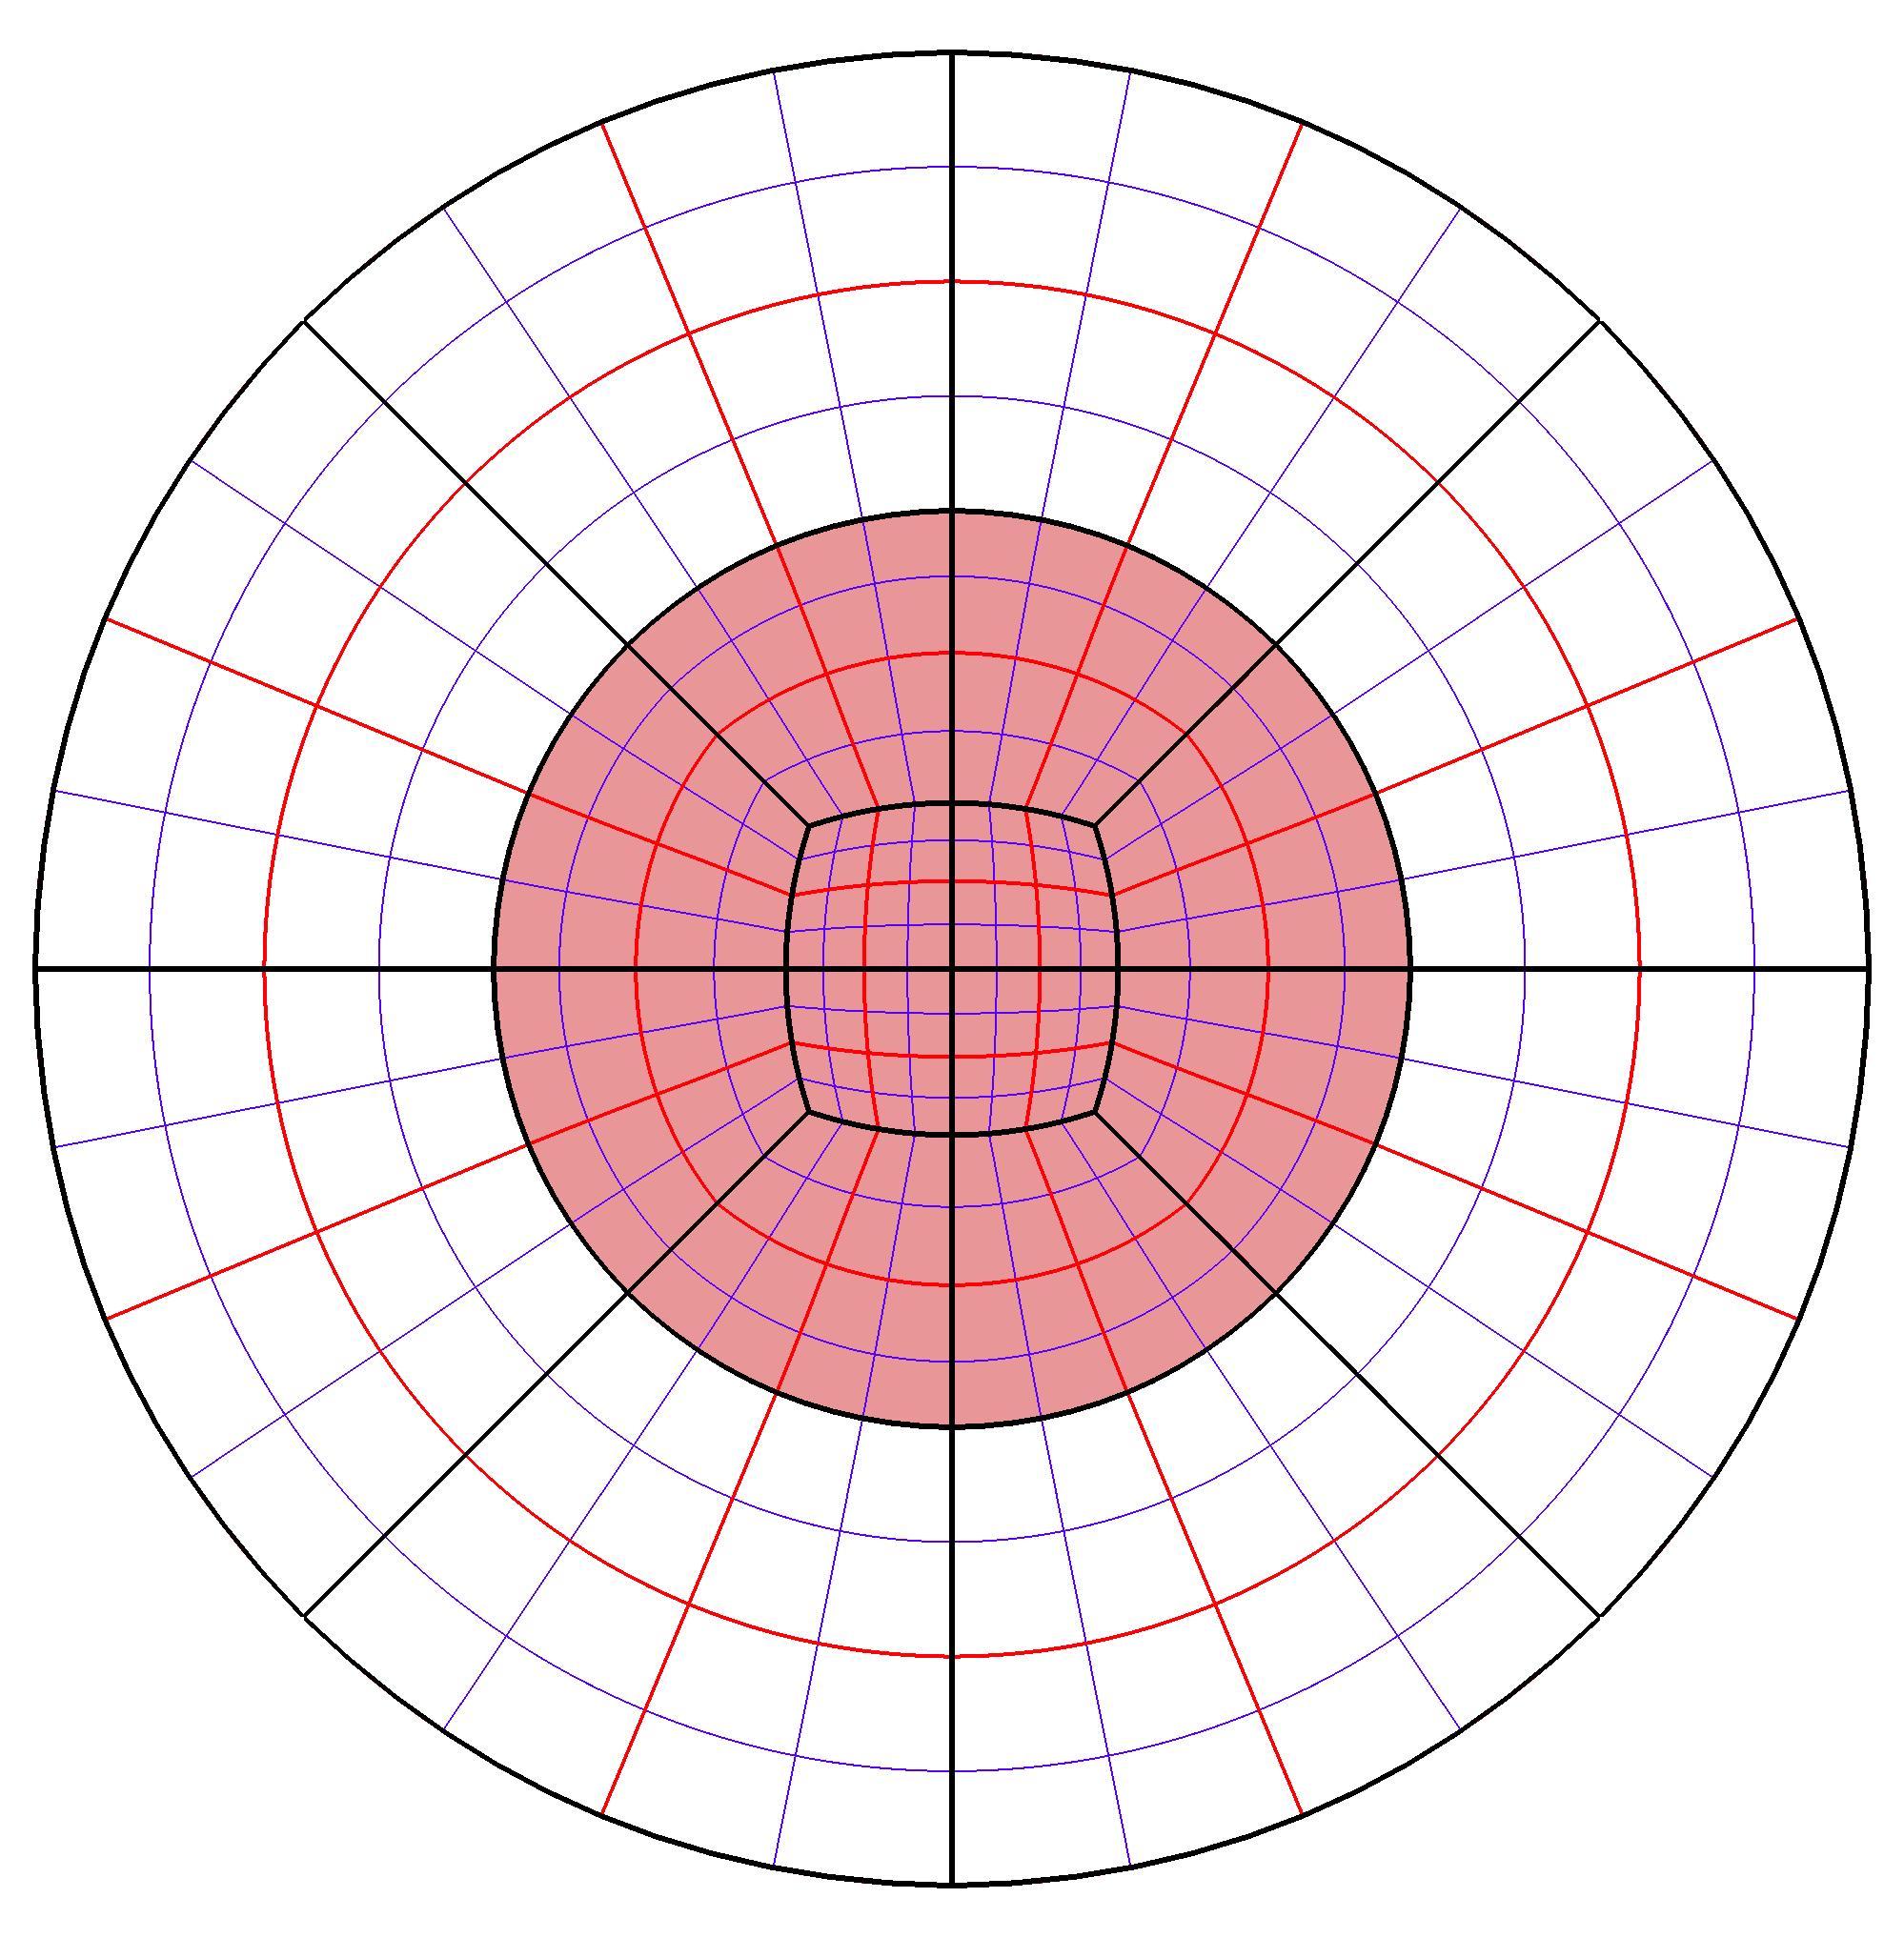 Schnitt durch die 3D Domain (Farbe deutet auf unterschiedliche Permittivitäten hin).